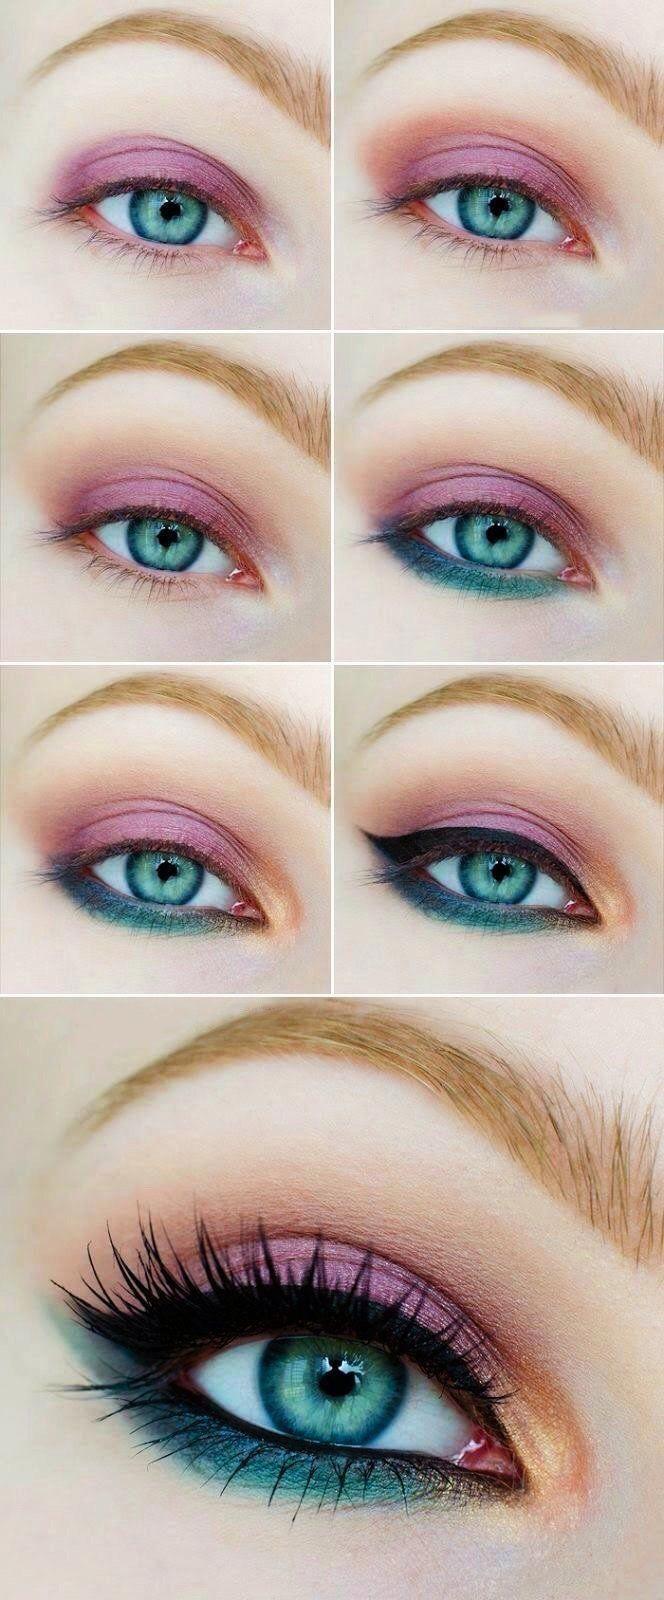 Augen-Make-up, das ist wunderschön! #hoodedeyemakeup #eyemakeup